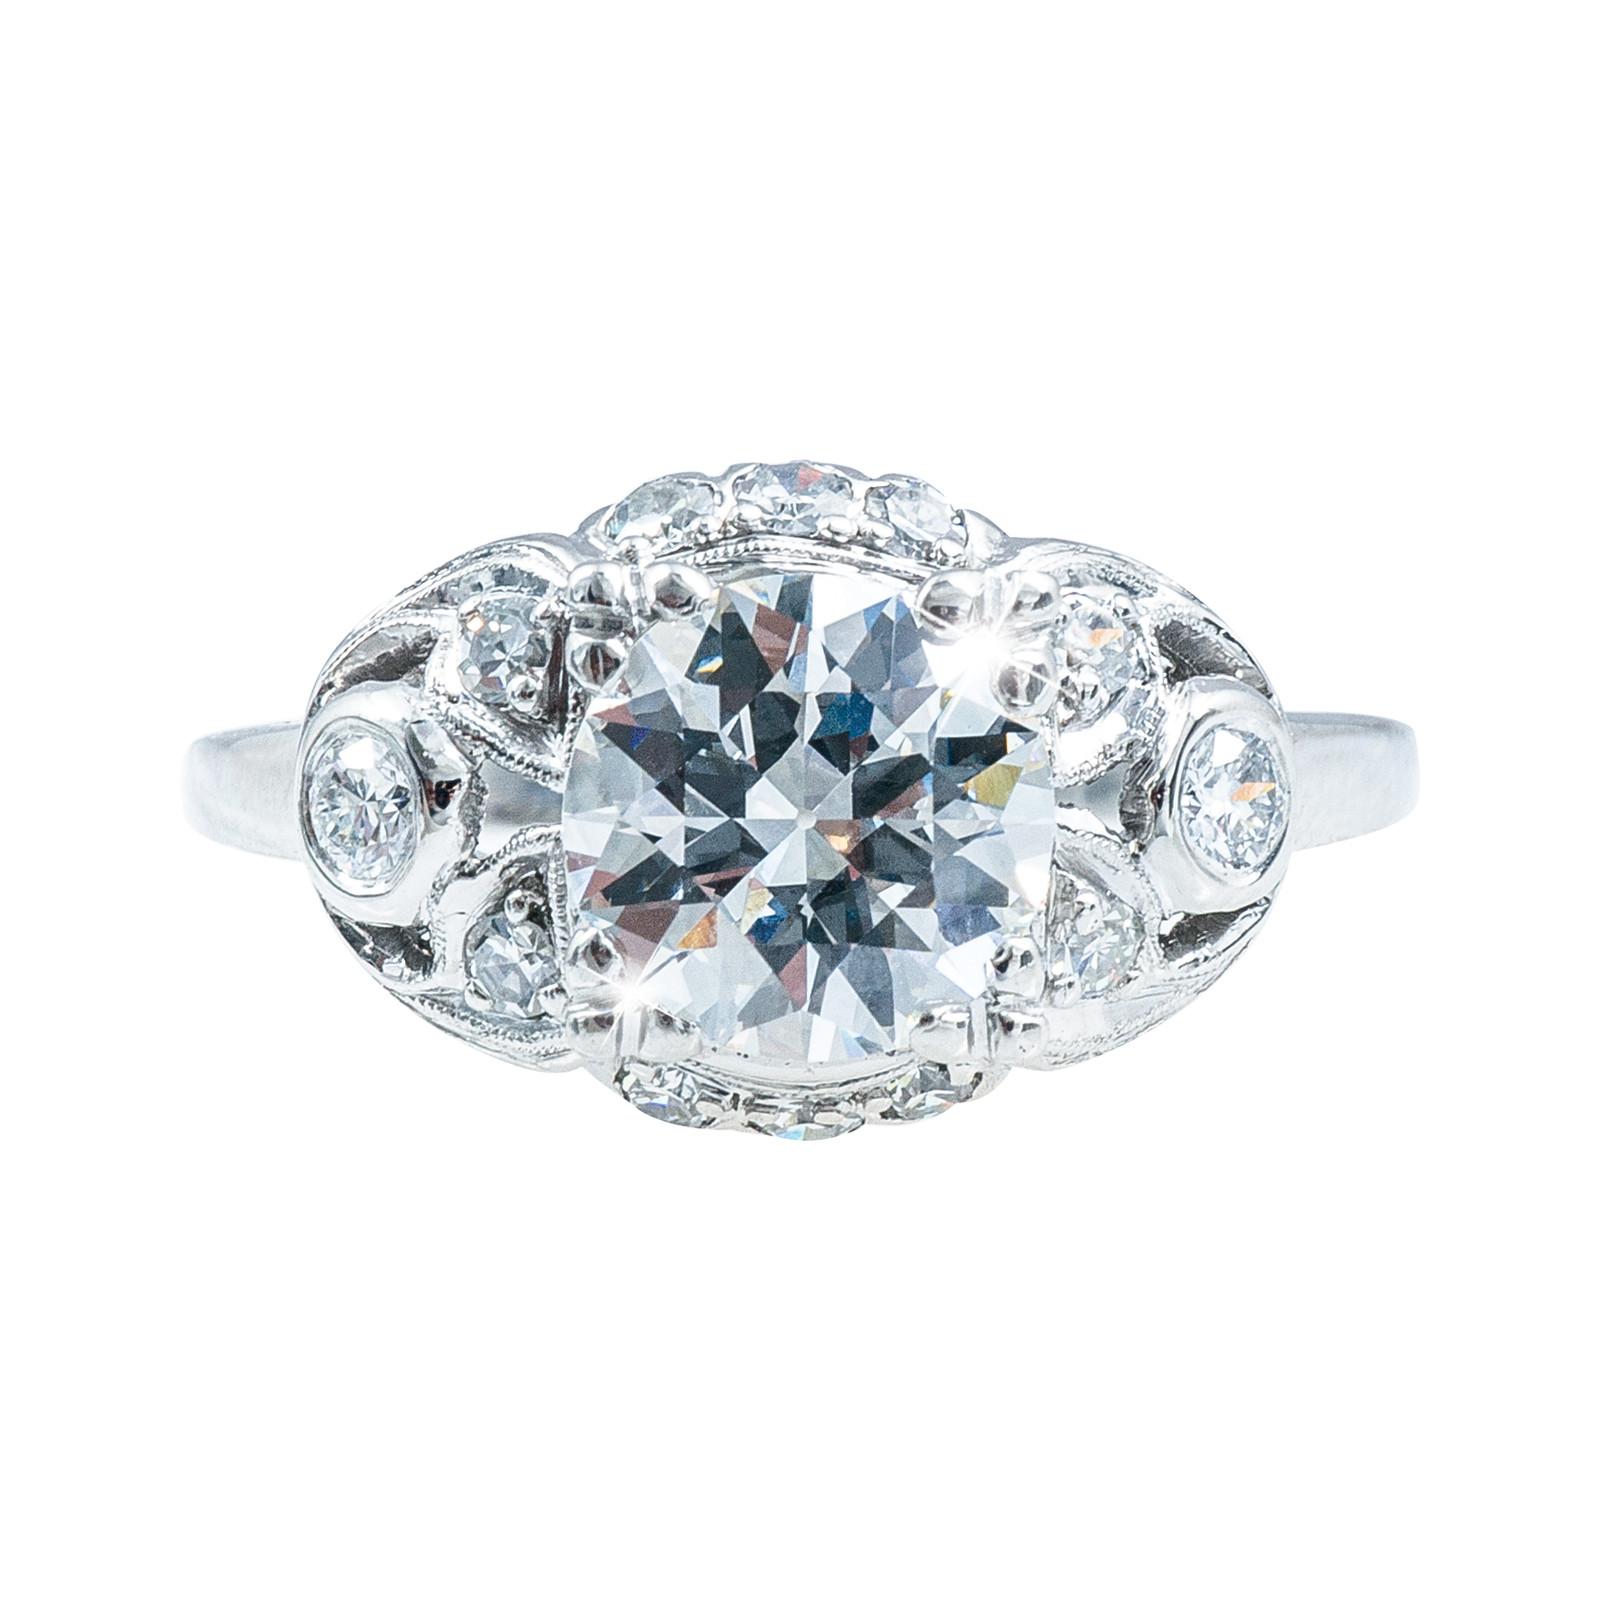 Antique 1.62 CTW Diamond Engagement Ring